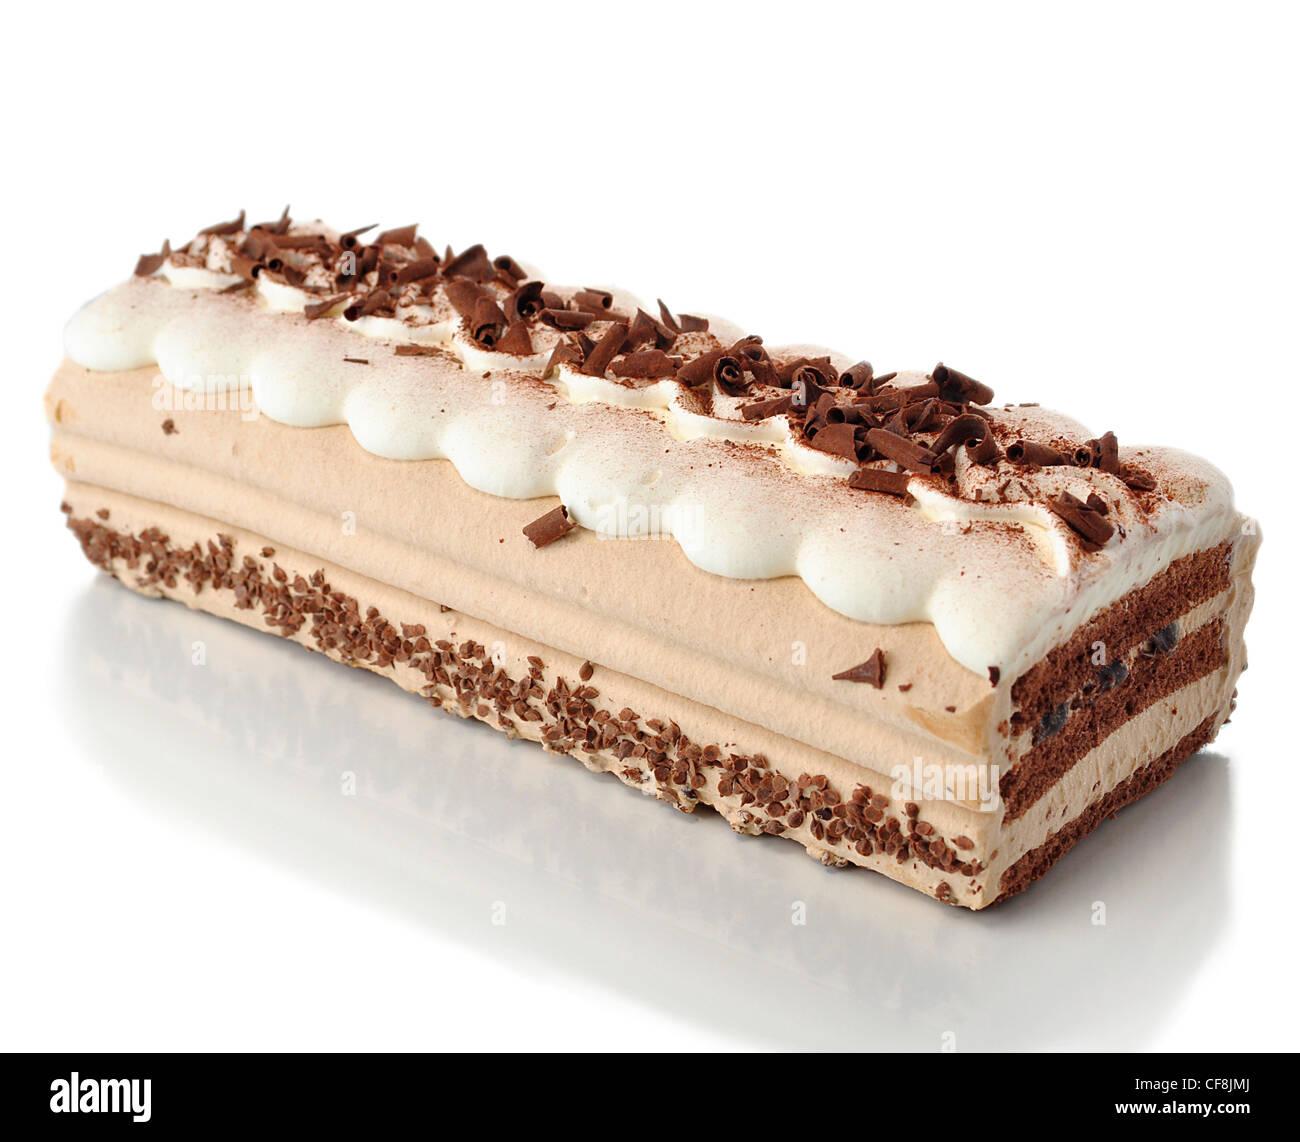 Crema cappuccino la torta su sfondo bianco Immagini Stock